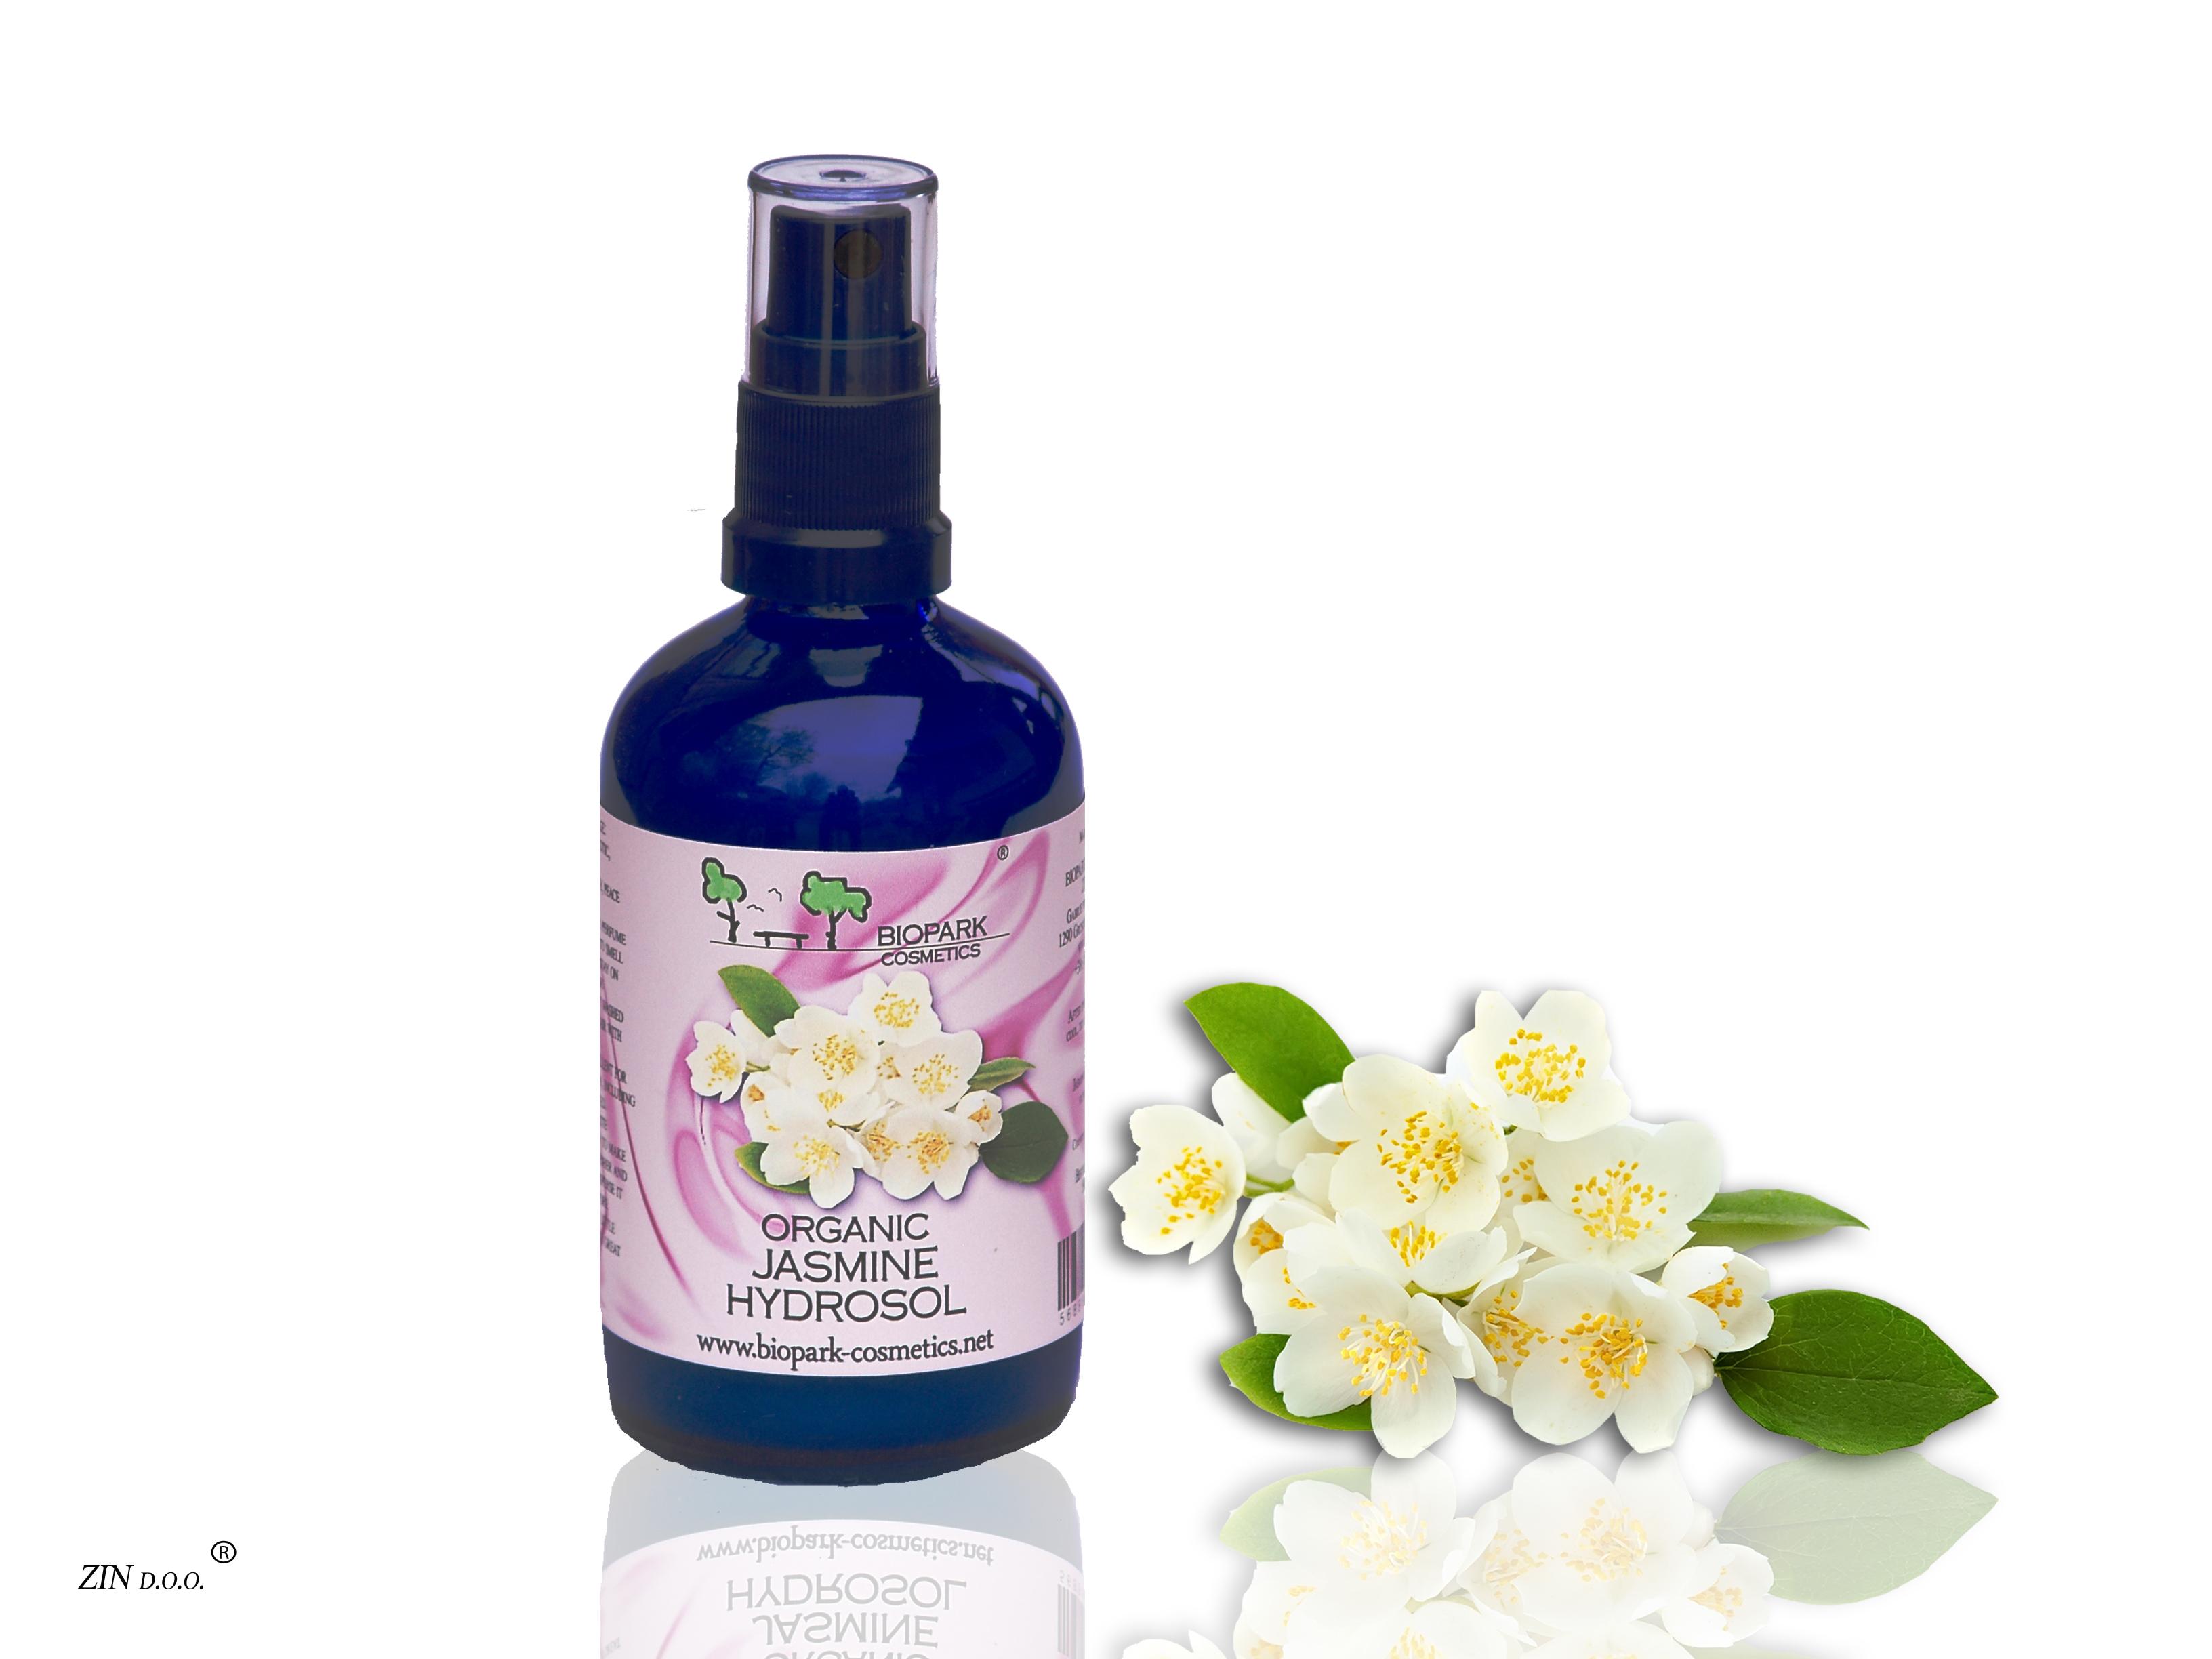 Jasmine Hydrosol-Organic 100ml